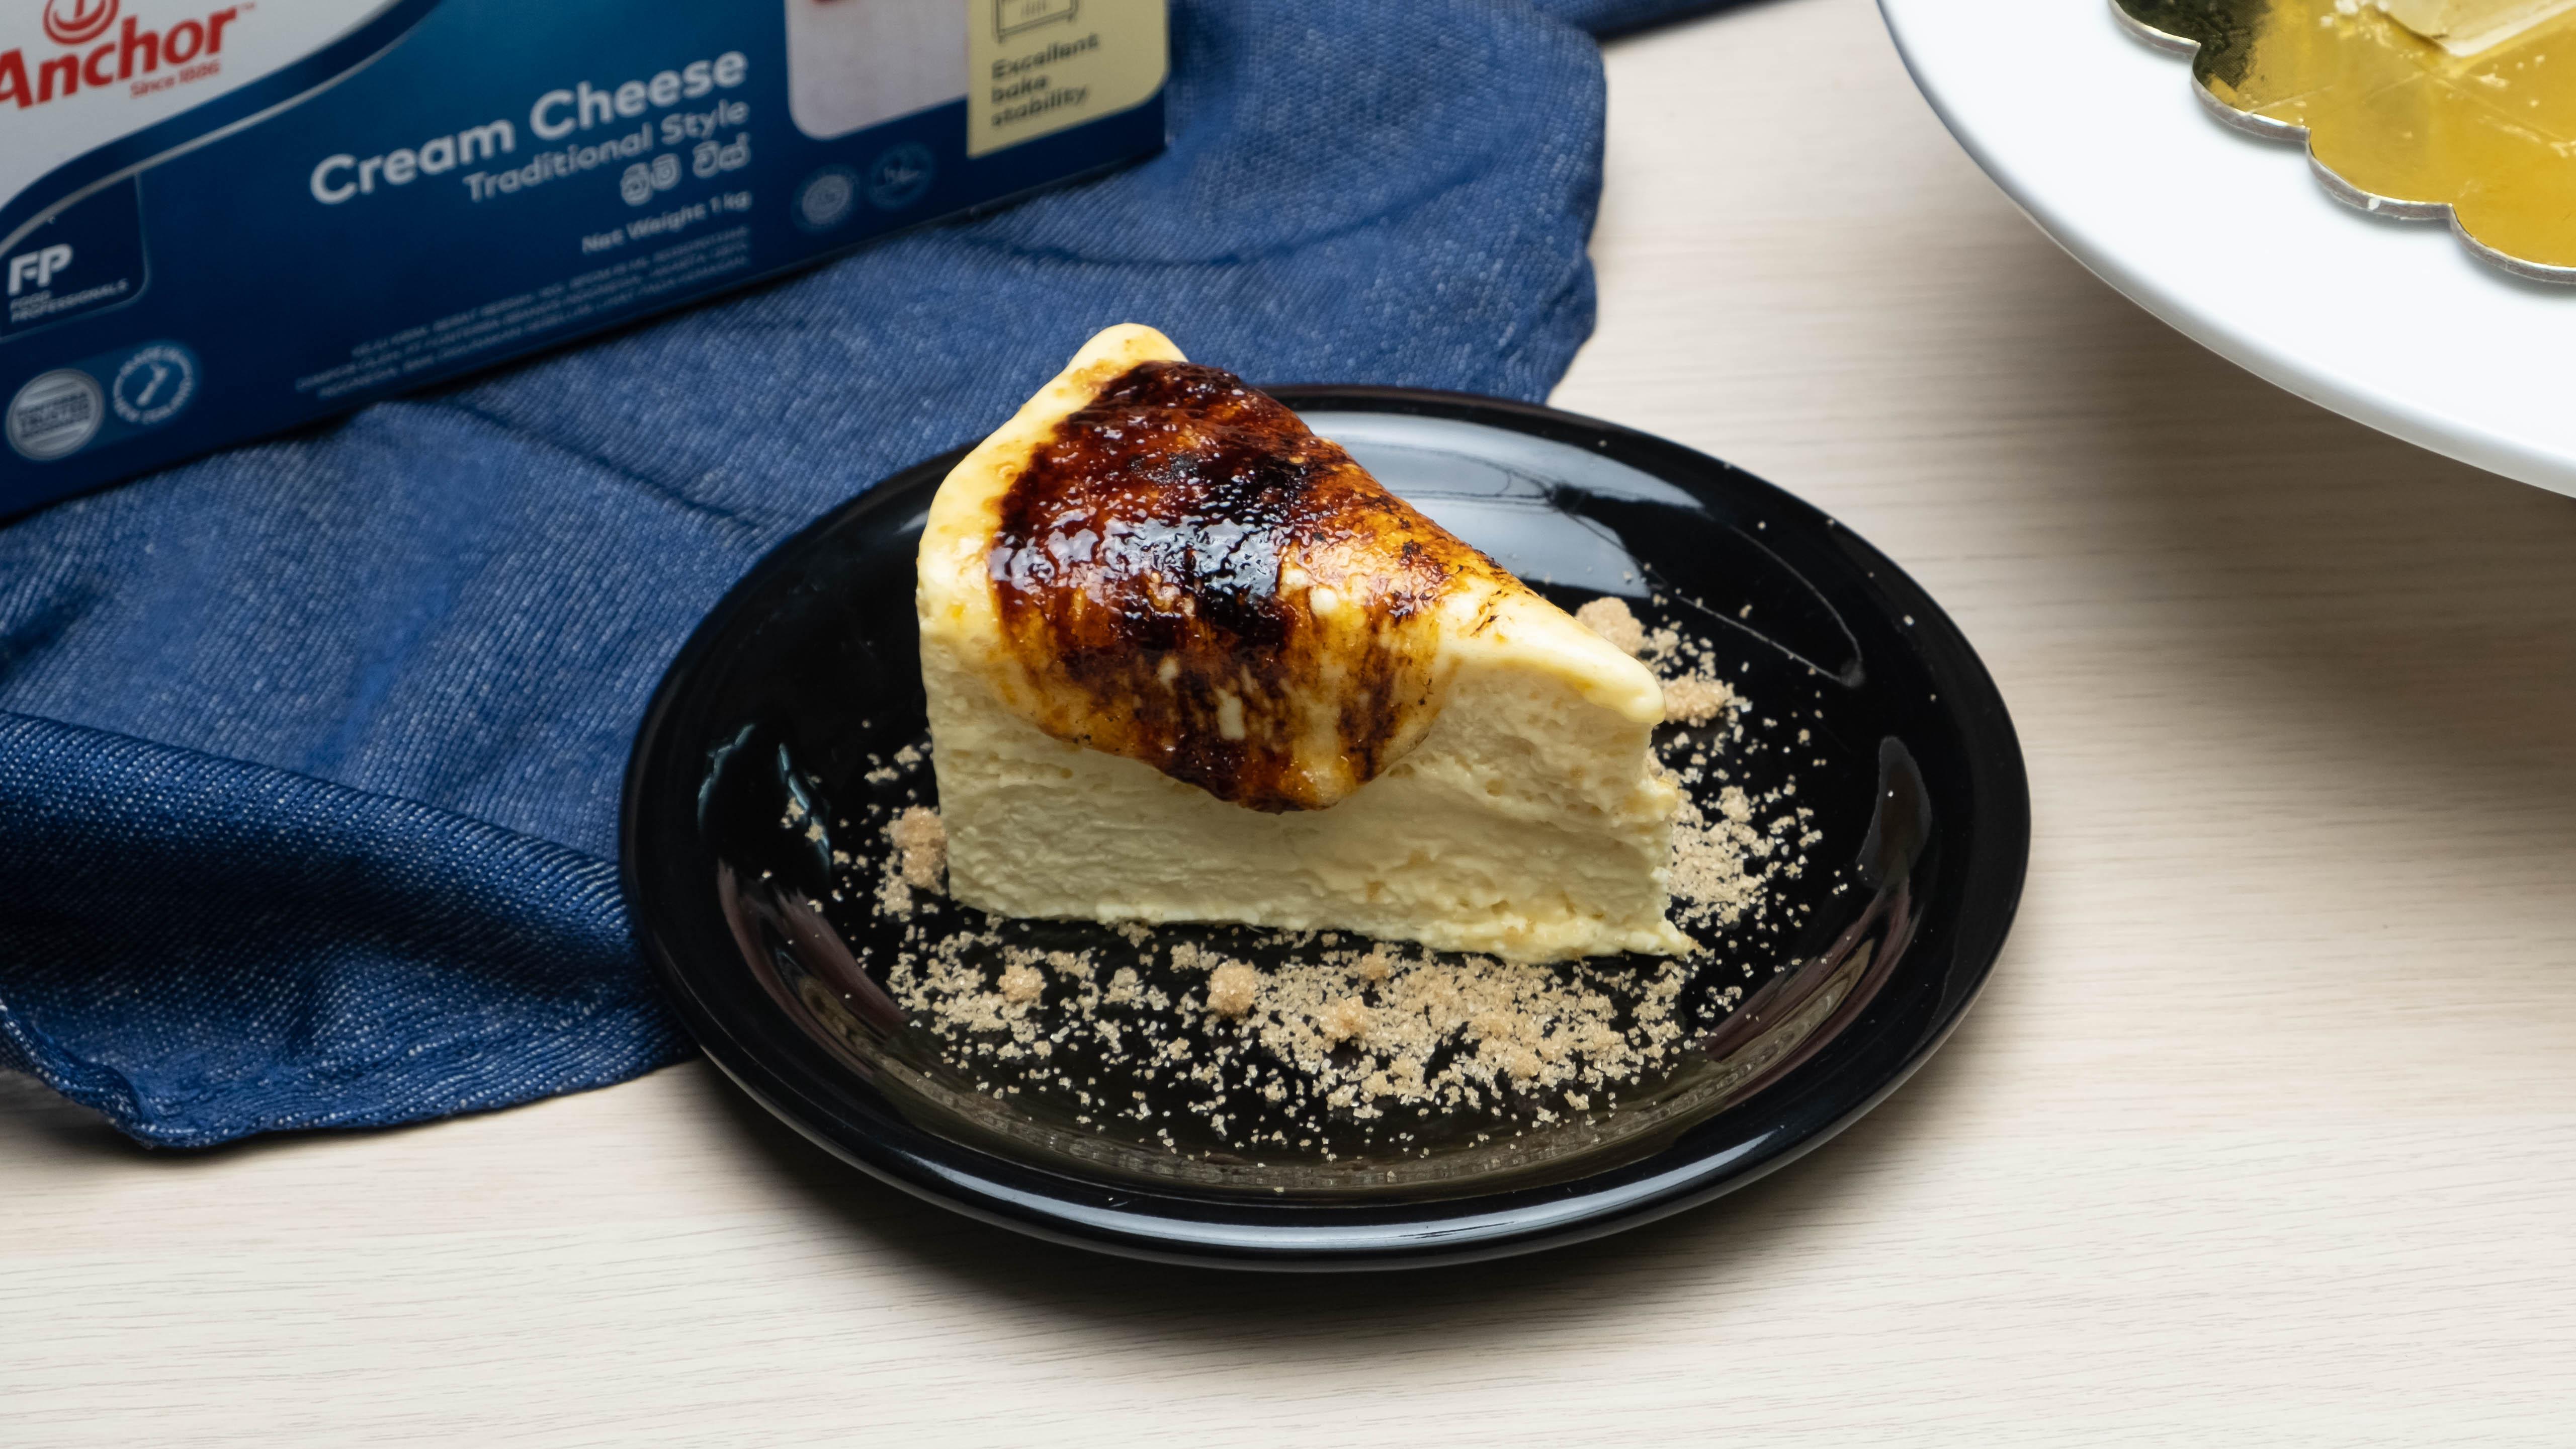 brulee-cheesecake